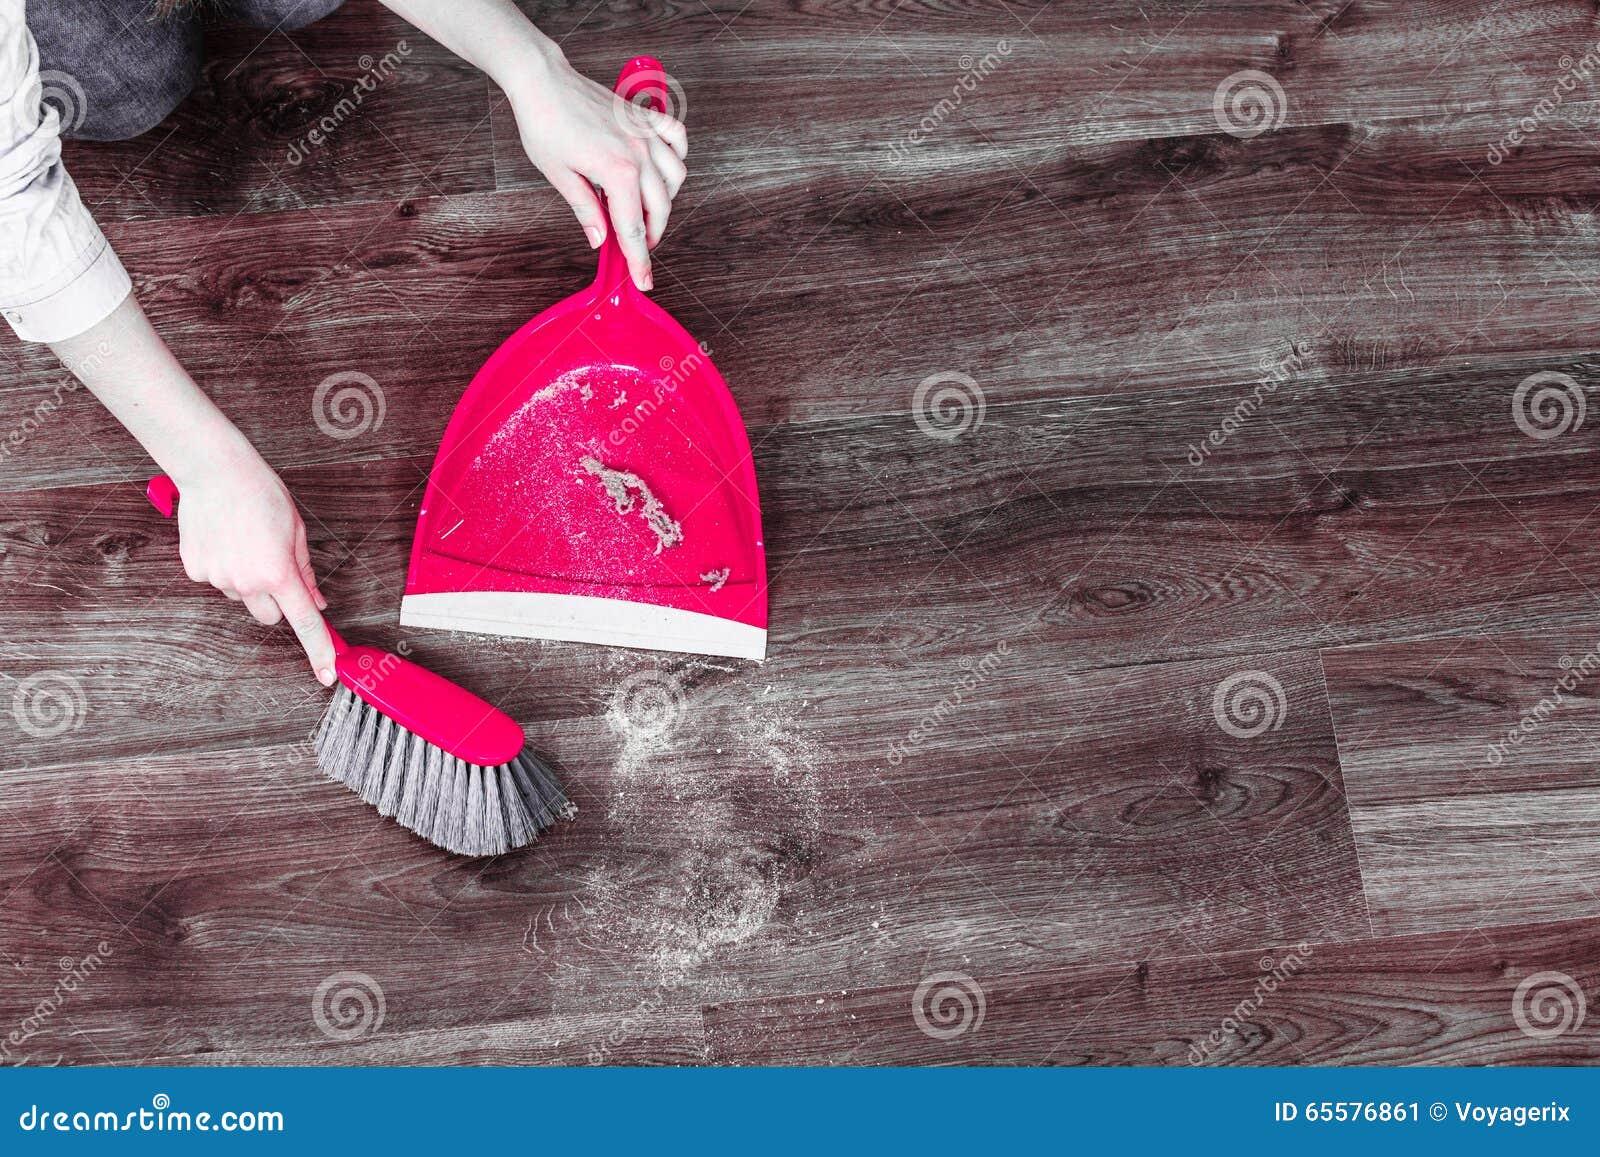 Assoalho de madeira arrebatador da mulher de limpeza